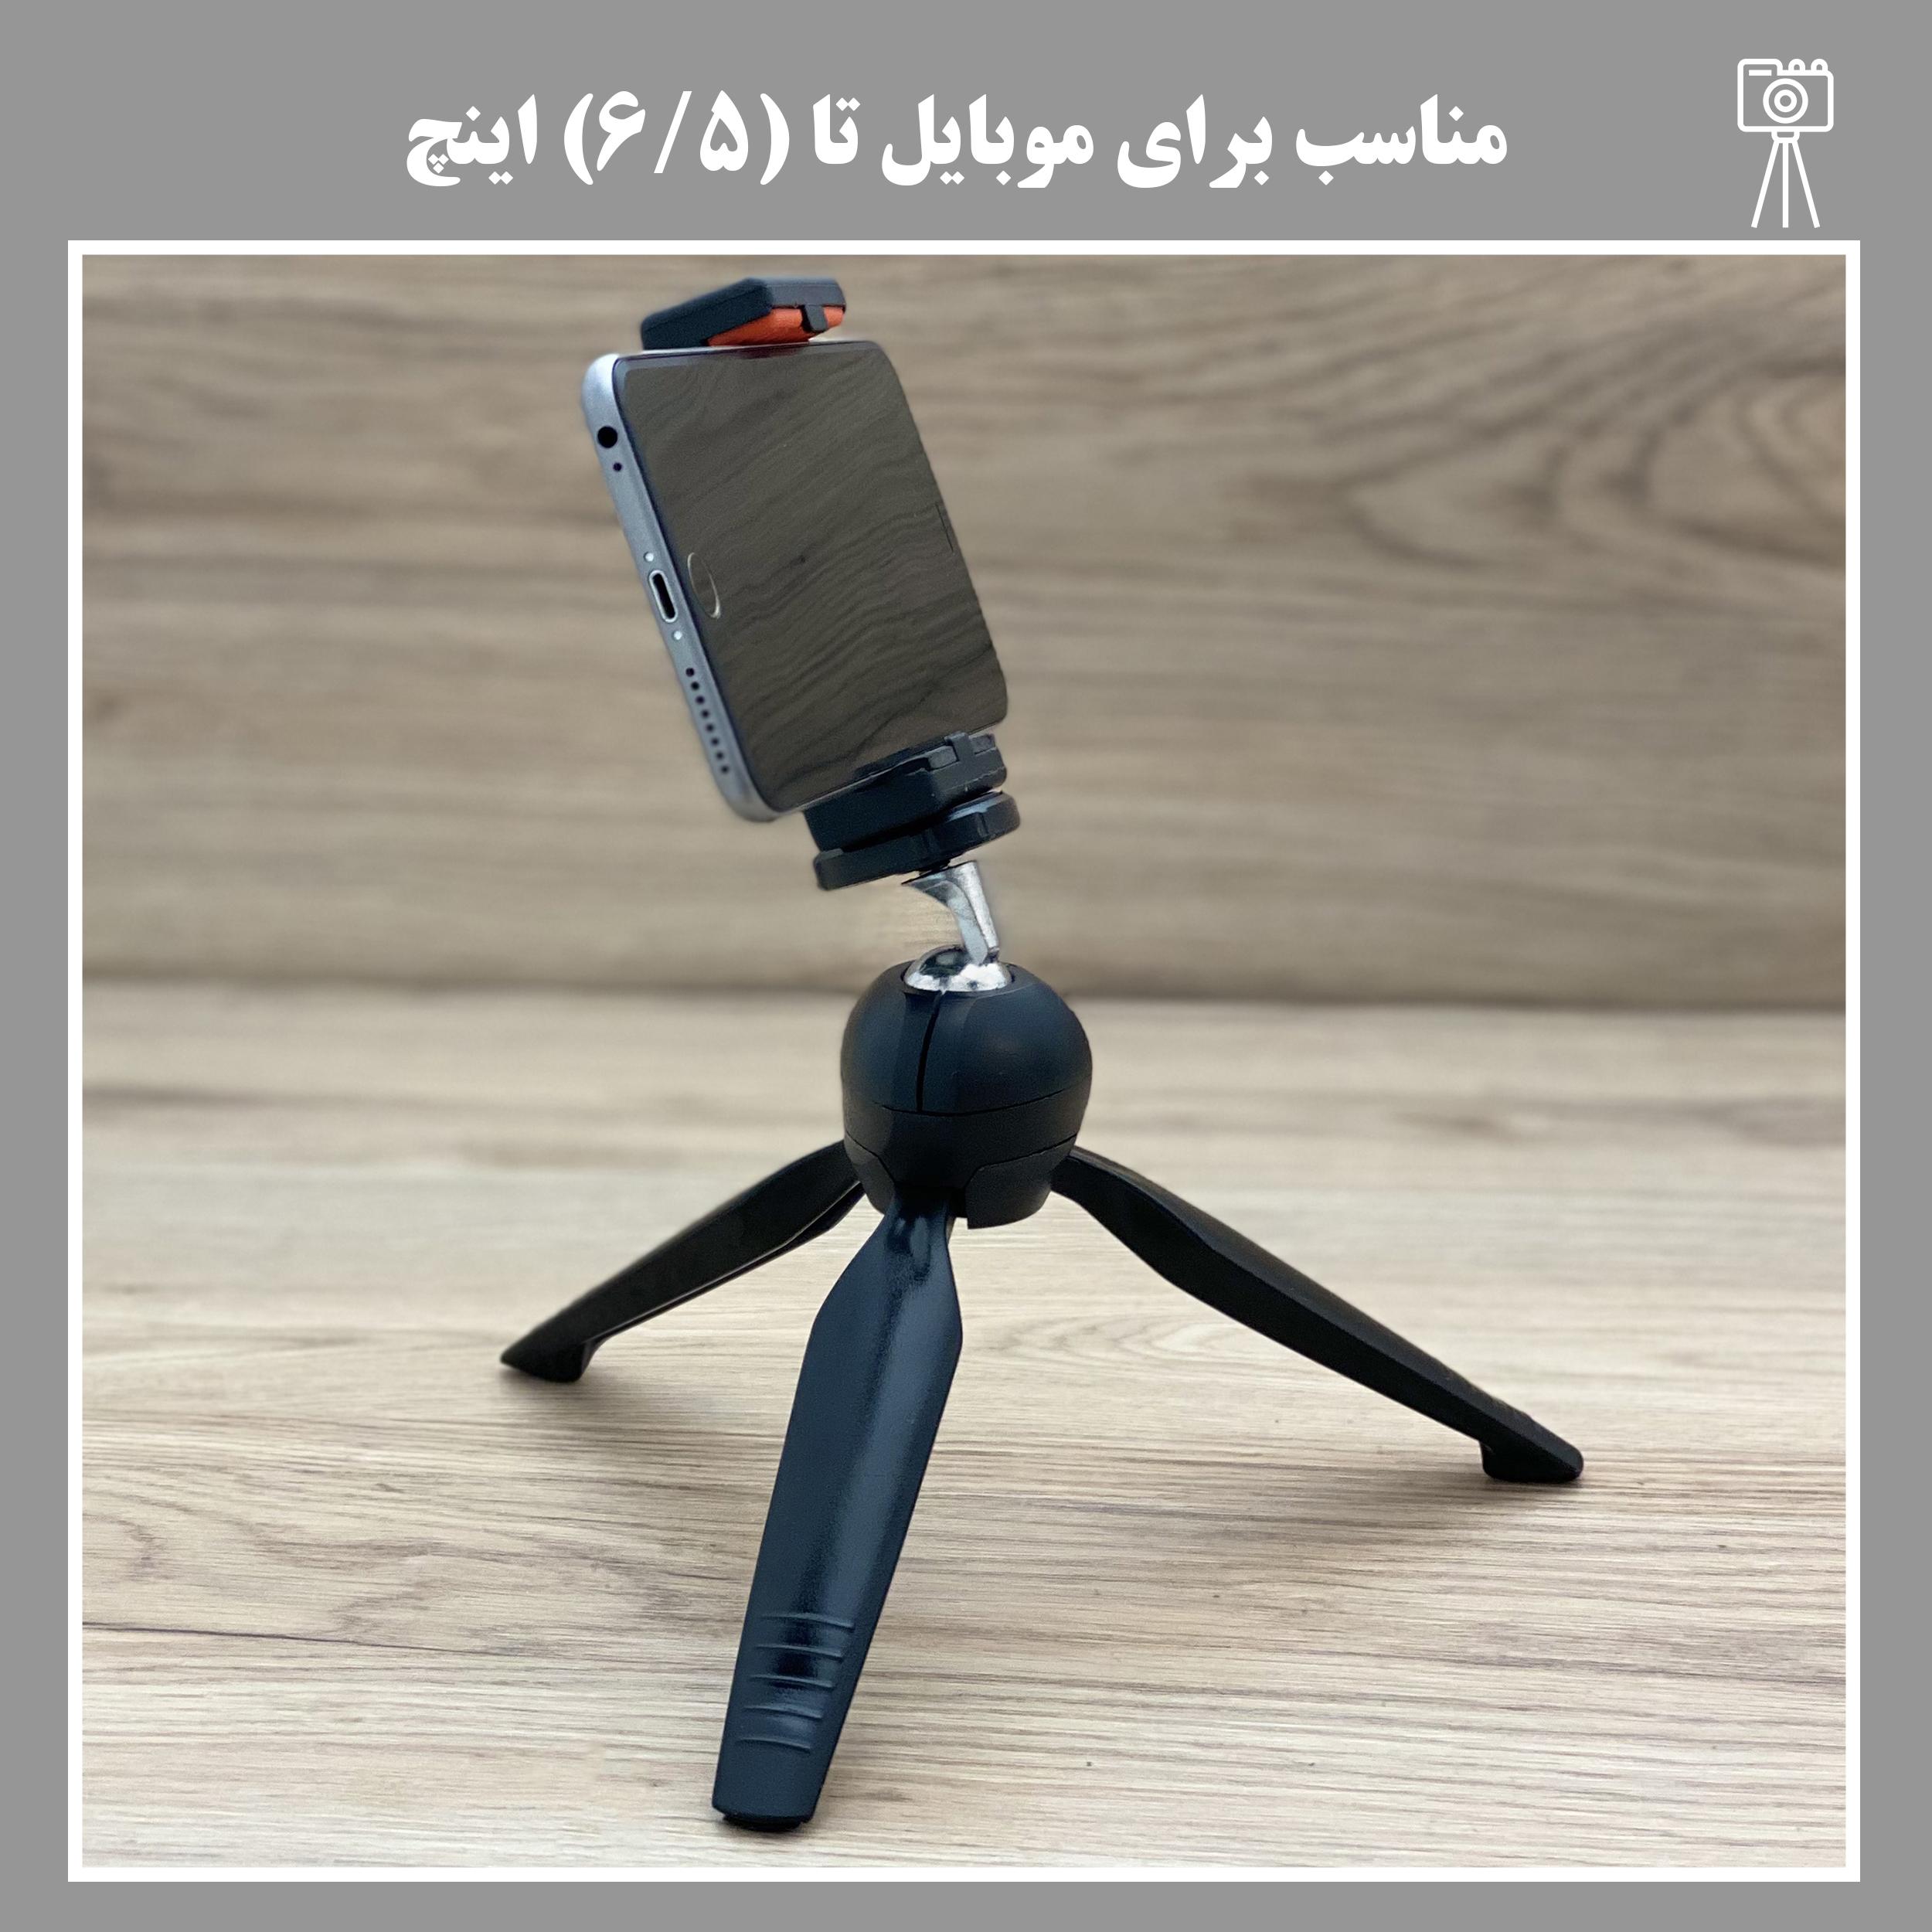 پایه نگهدارنده گوشی موبایل یانتنگ مدل 228-Plus